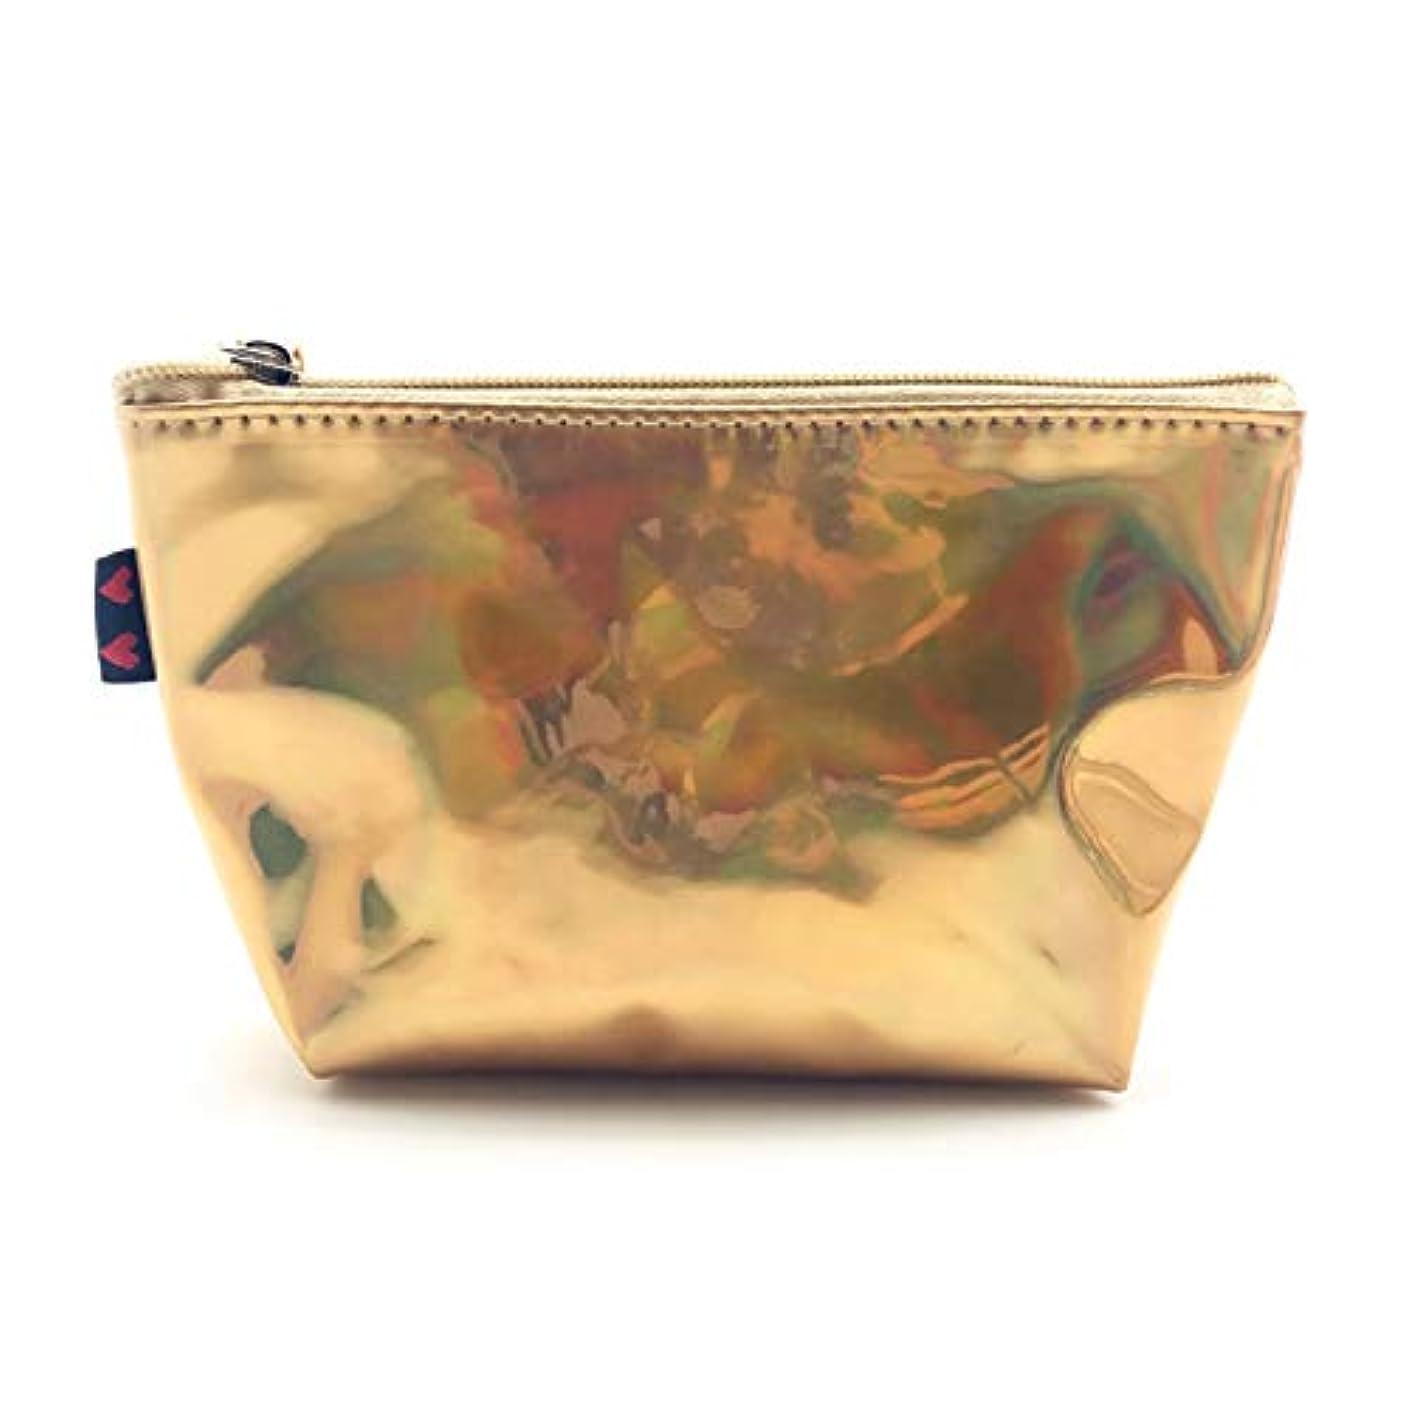 魅惑する事実上ペンスOU-Kunmlef 実用的な新リーフ小レーザーメイクアップポータブル旅行バッグ化粧品の女性`(None gold)